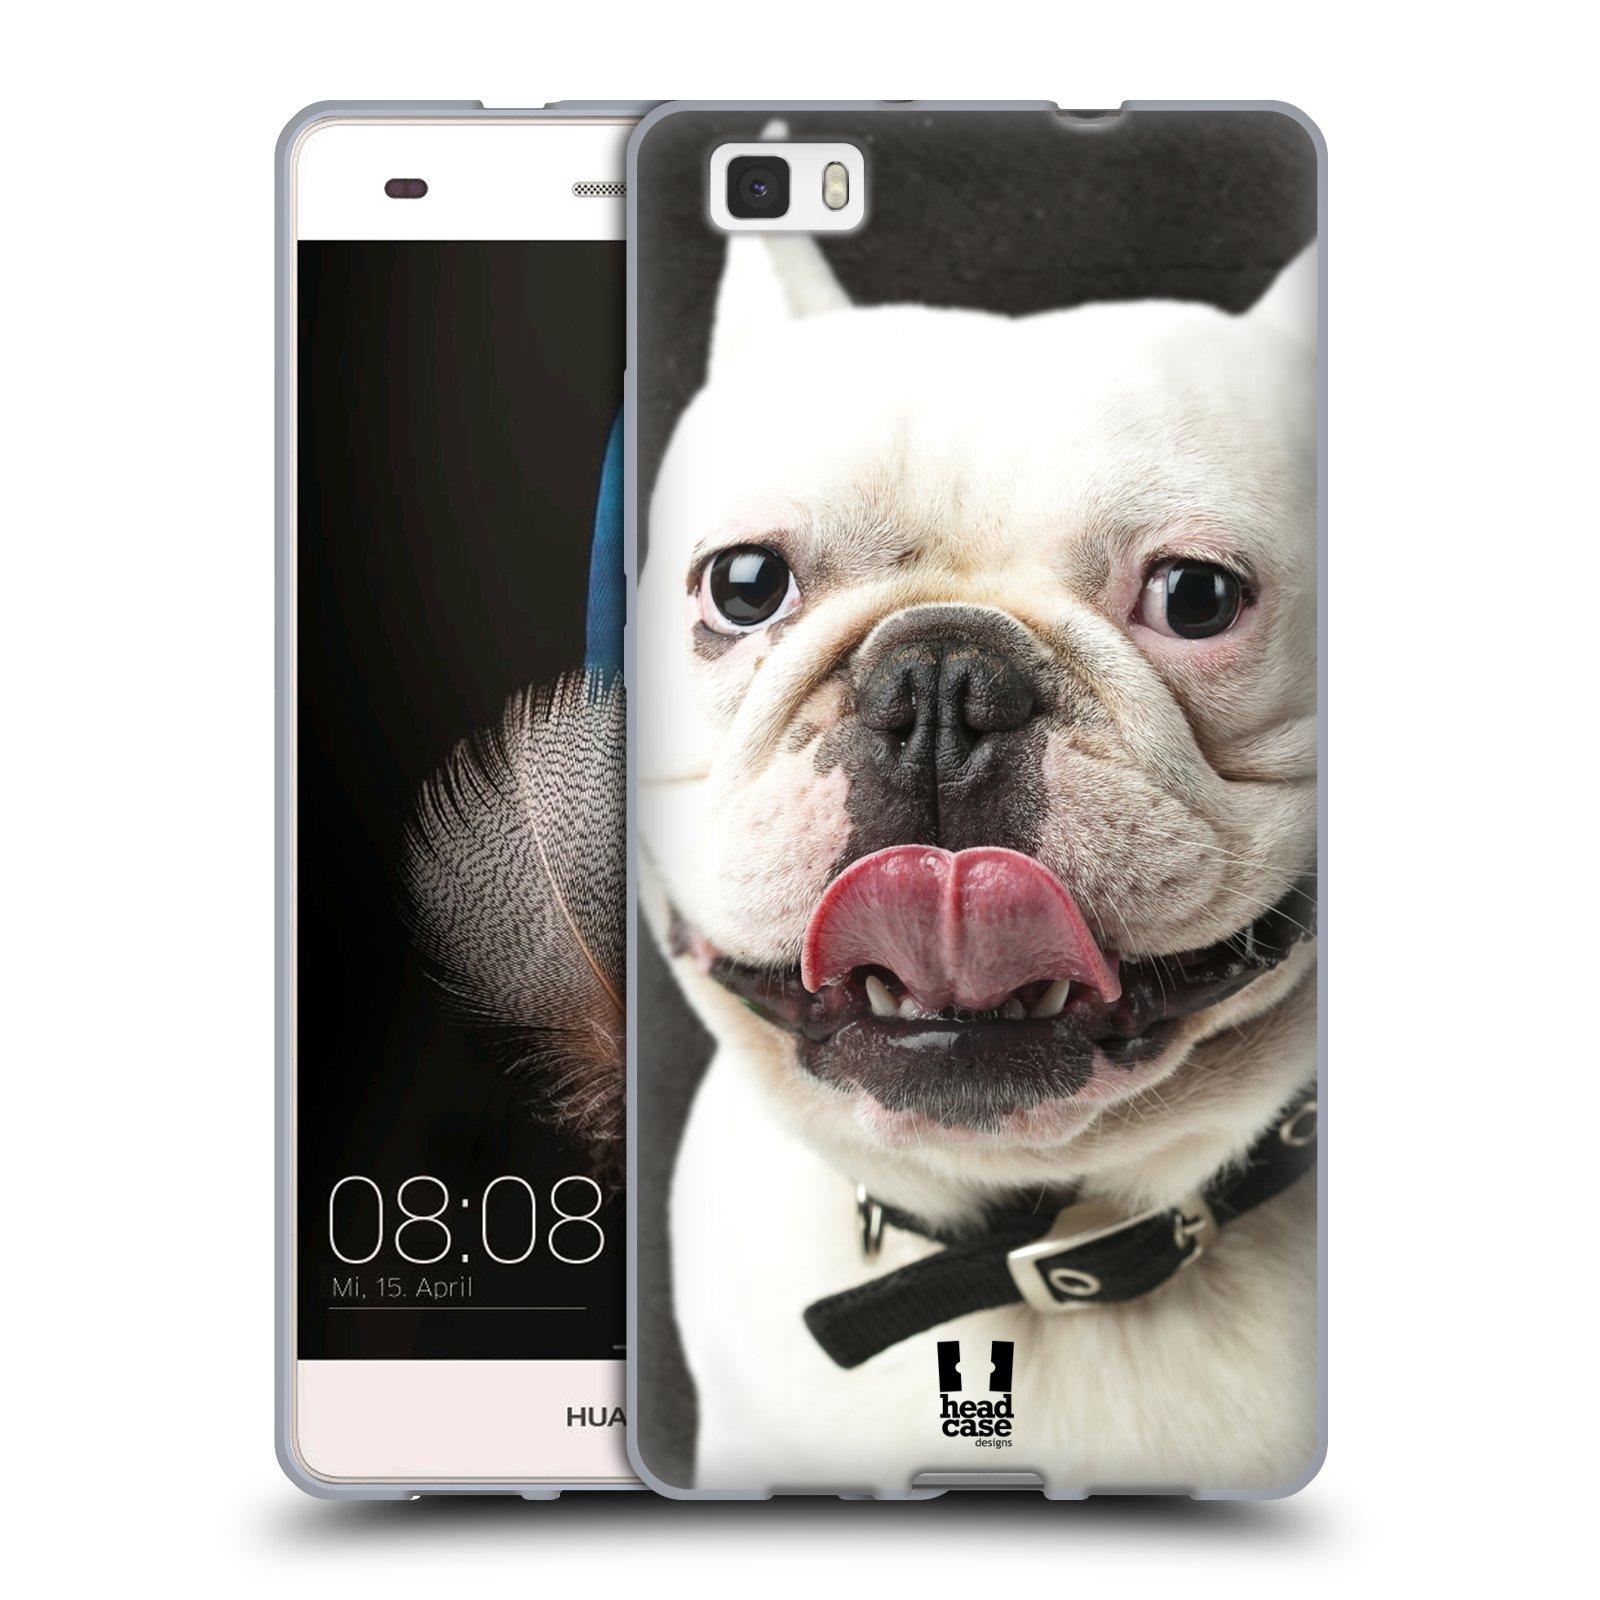 HEAD CASE silikonový obal na mobil Huawei  P8 LITE Legrační zvířátka Pejsek Buldog vyplazující jazyk